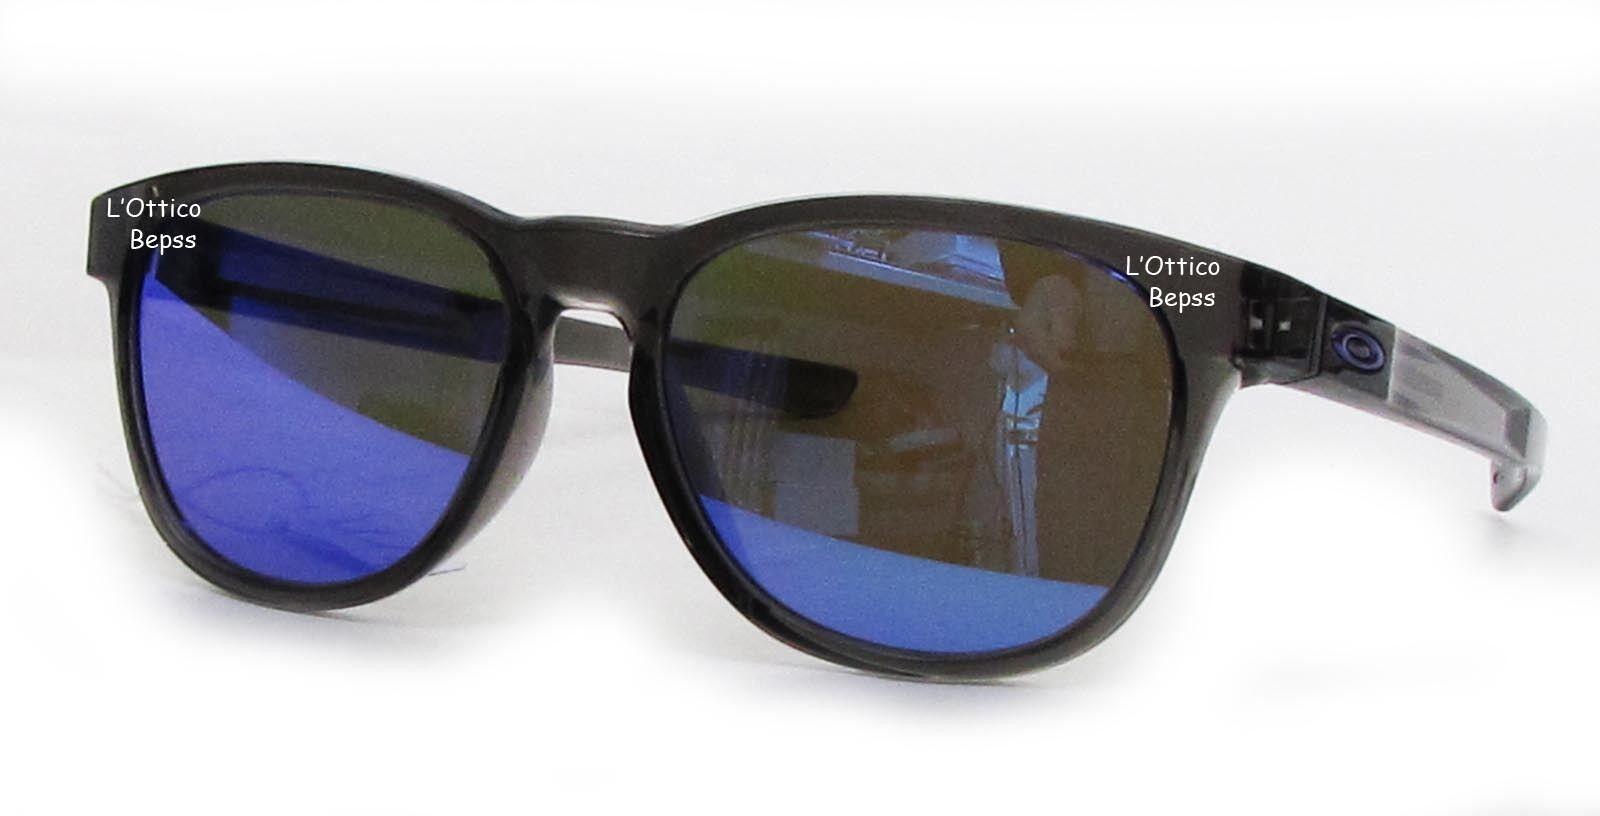 ca47e140f18f7 OCCHIALI DA SOLE OAKLEY mod.STRINGER 9315-05 MATTE BLACK lens VIOLET ...